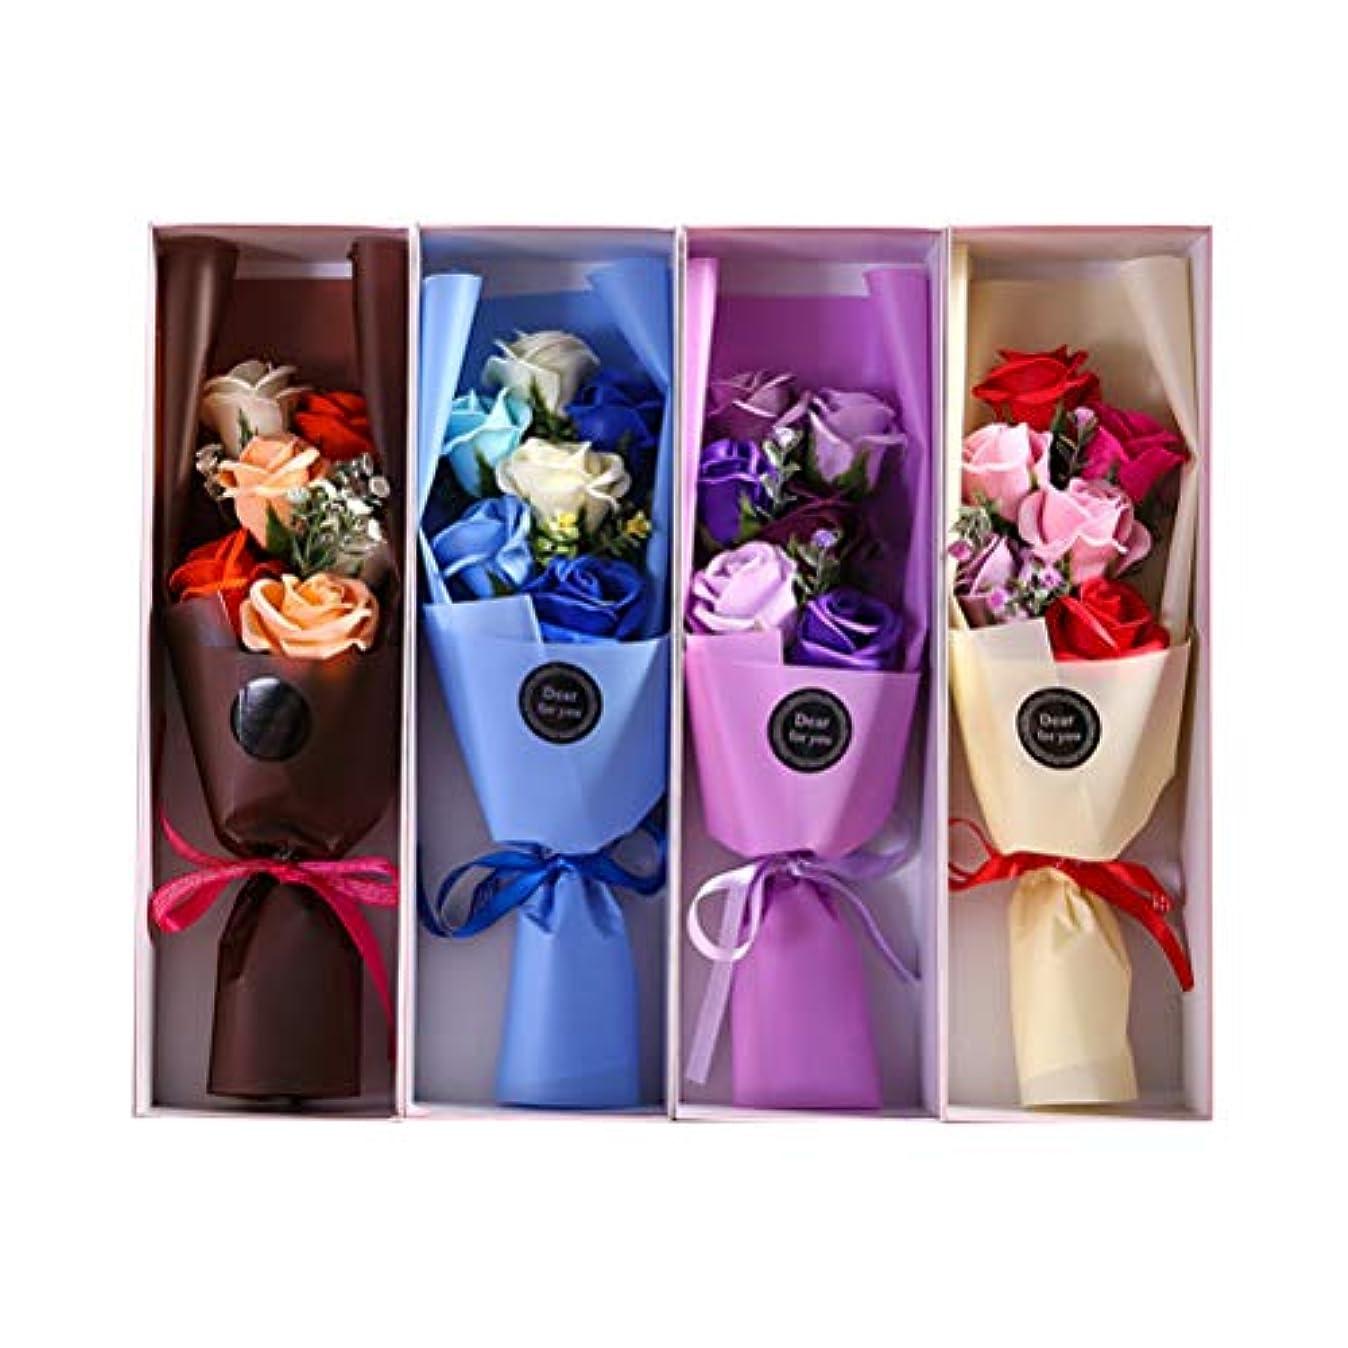 BESTOYARD 6PCS石鹸の花びら人工石鹸の花のバラのギフトボックスカップルバレンタインデーのプレゼント(ランダムカラー)